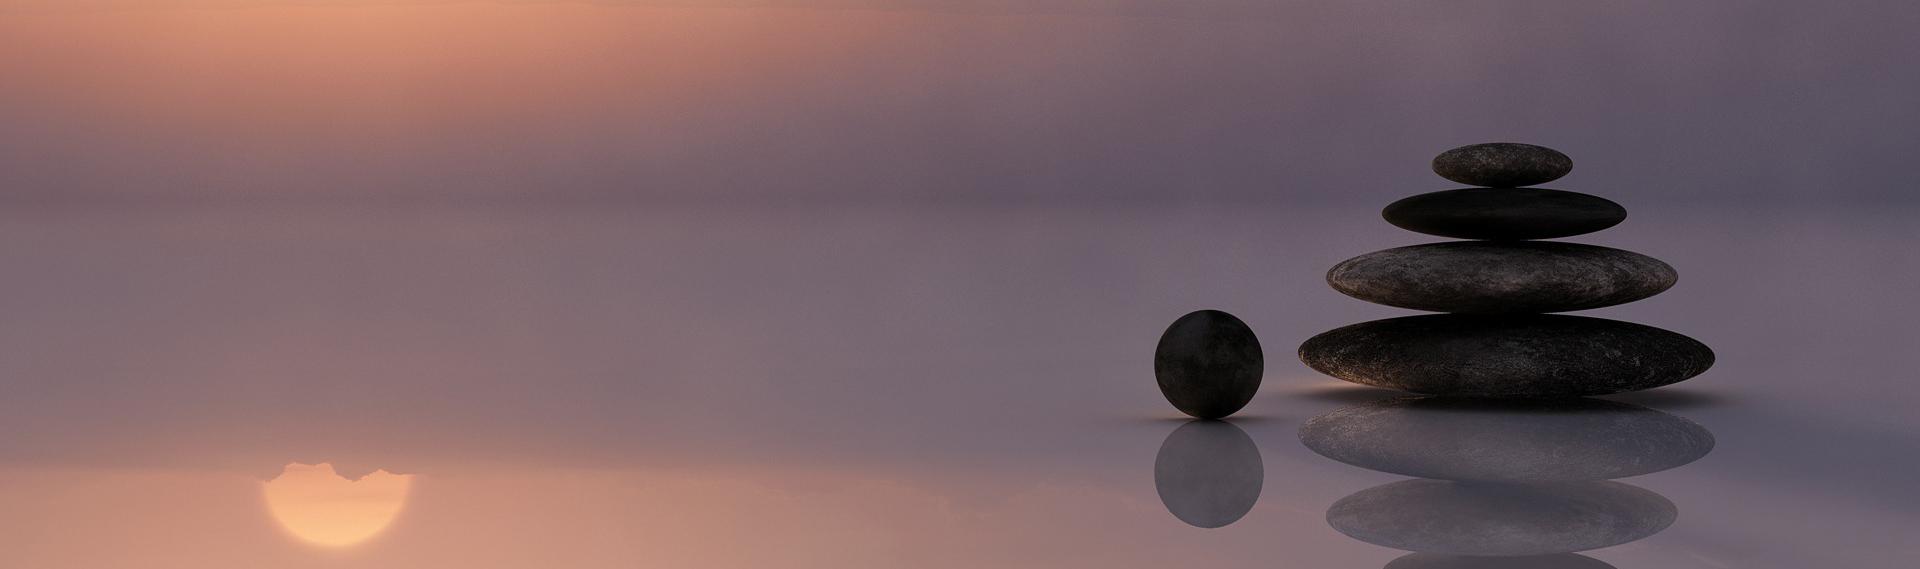 Meditatie en mindfulness